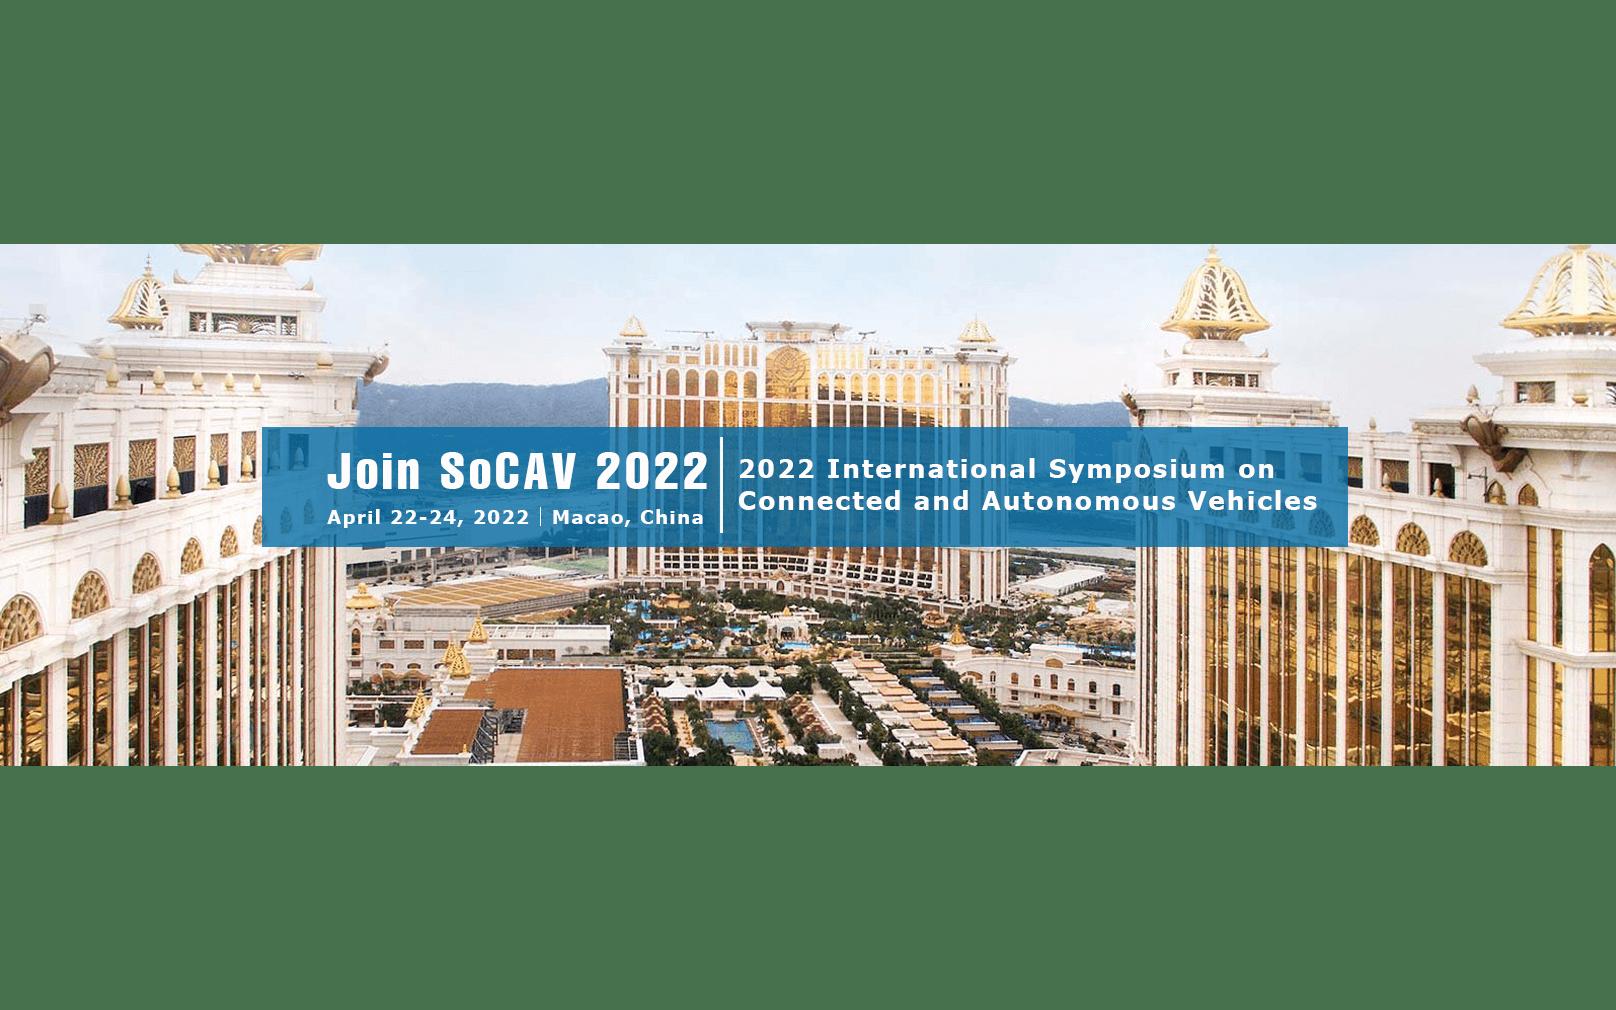 【EI会议】2022年联网与自动驾驶车辆(CAV)国际研讨会(SoCAV 2022)